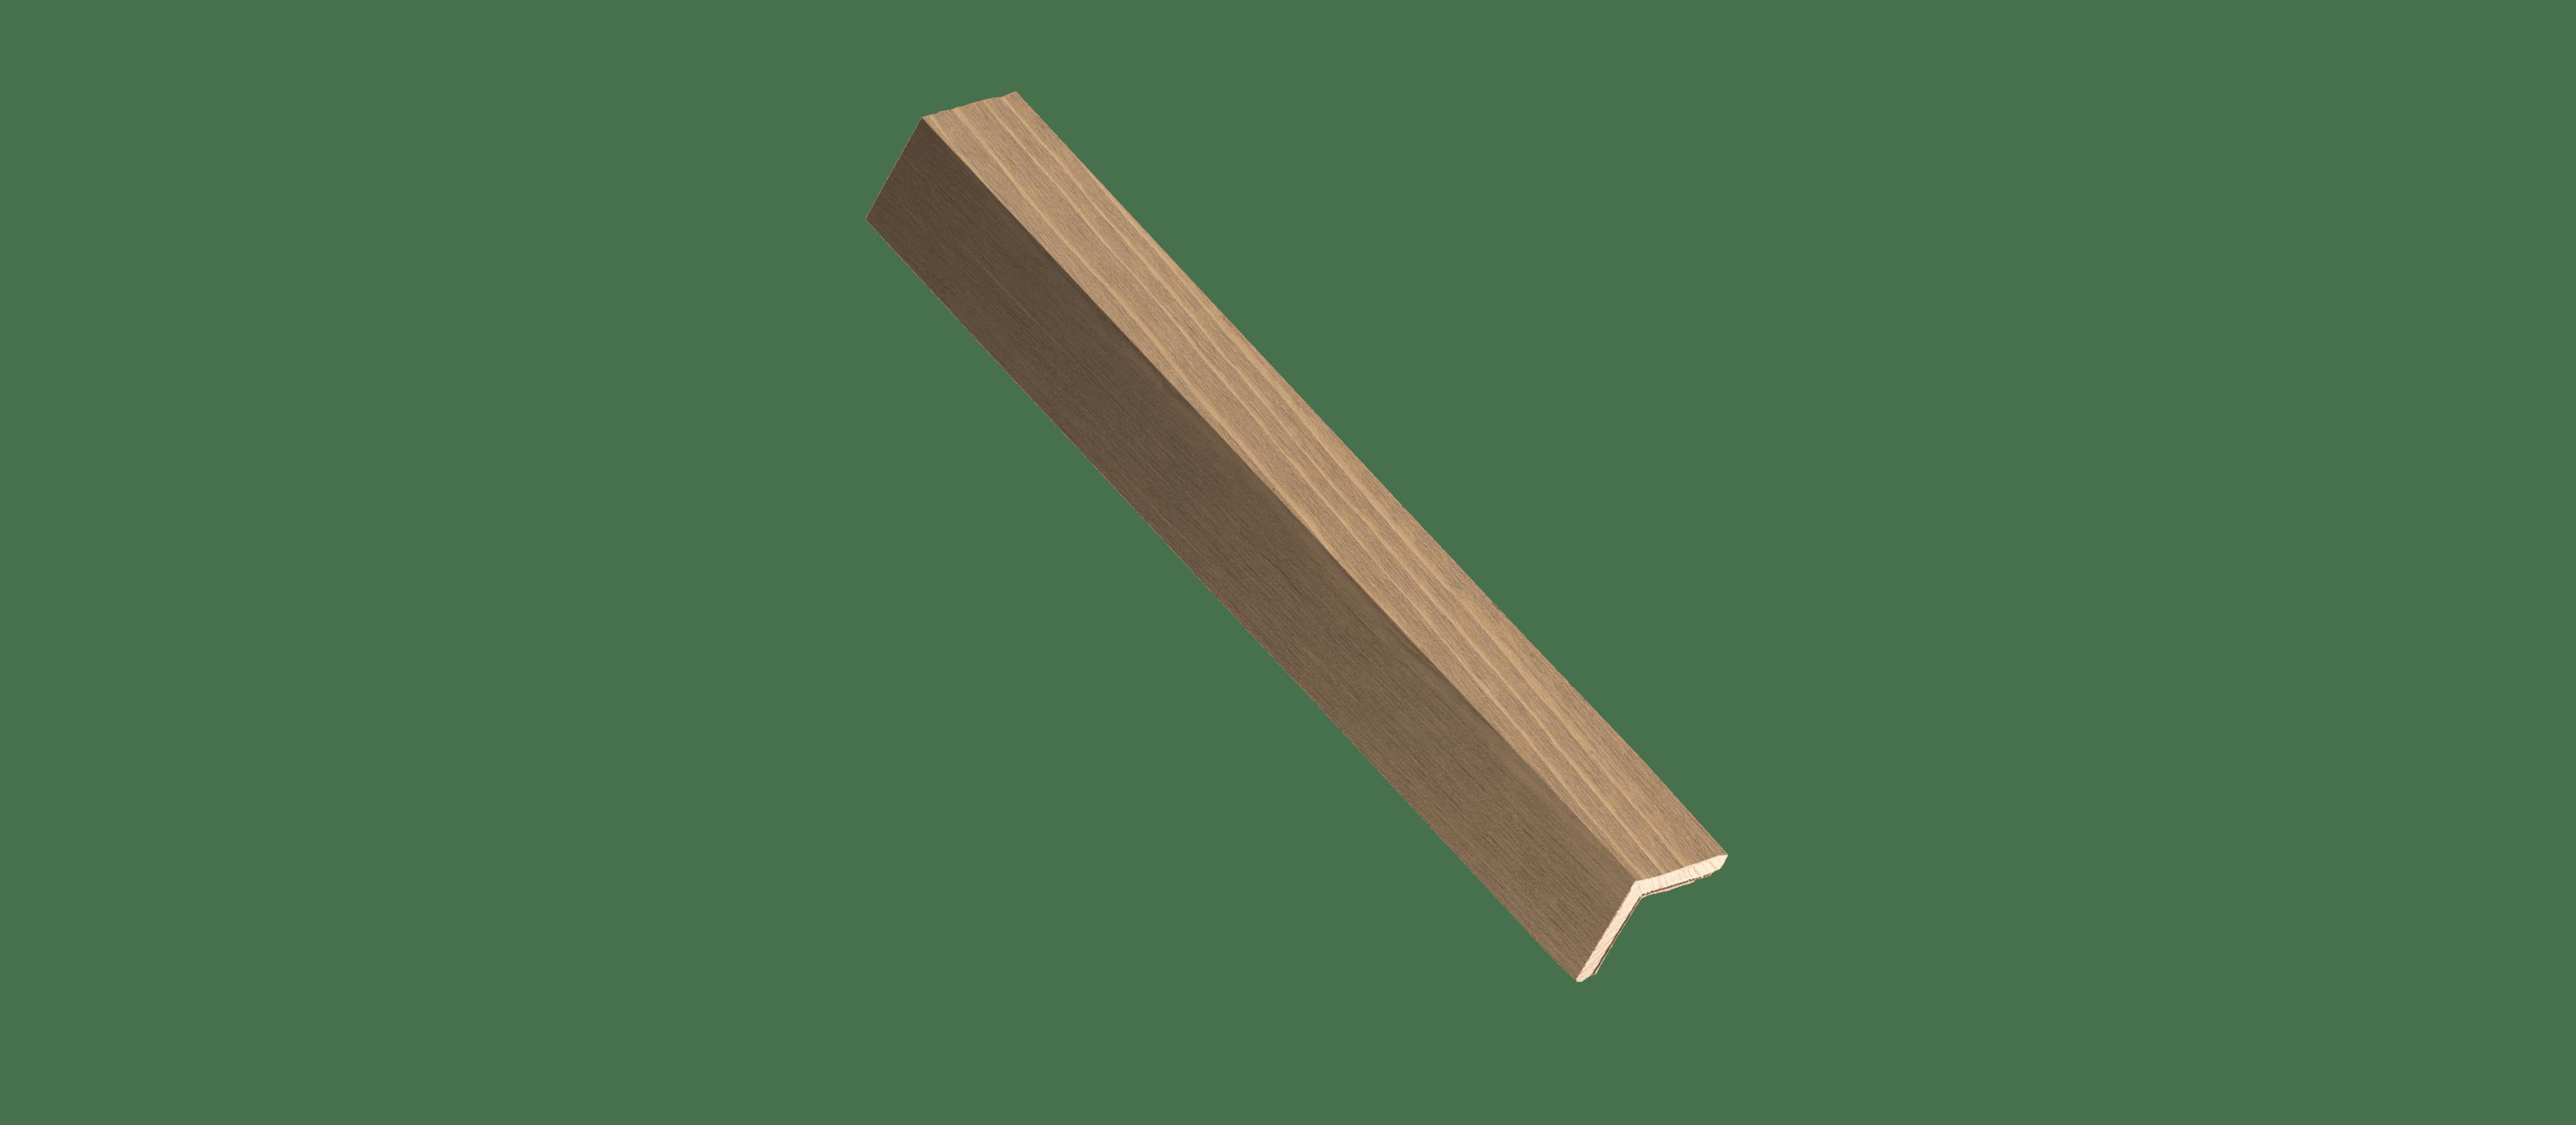 Sand Stone Wood Corner Trim Sample